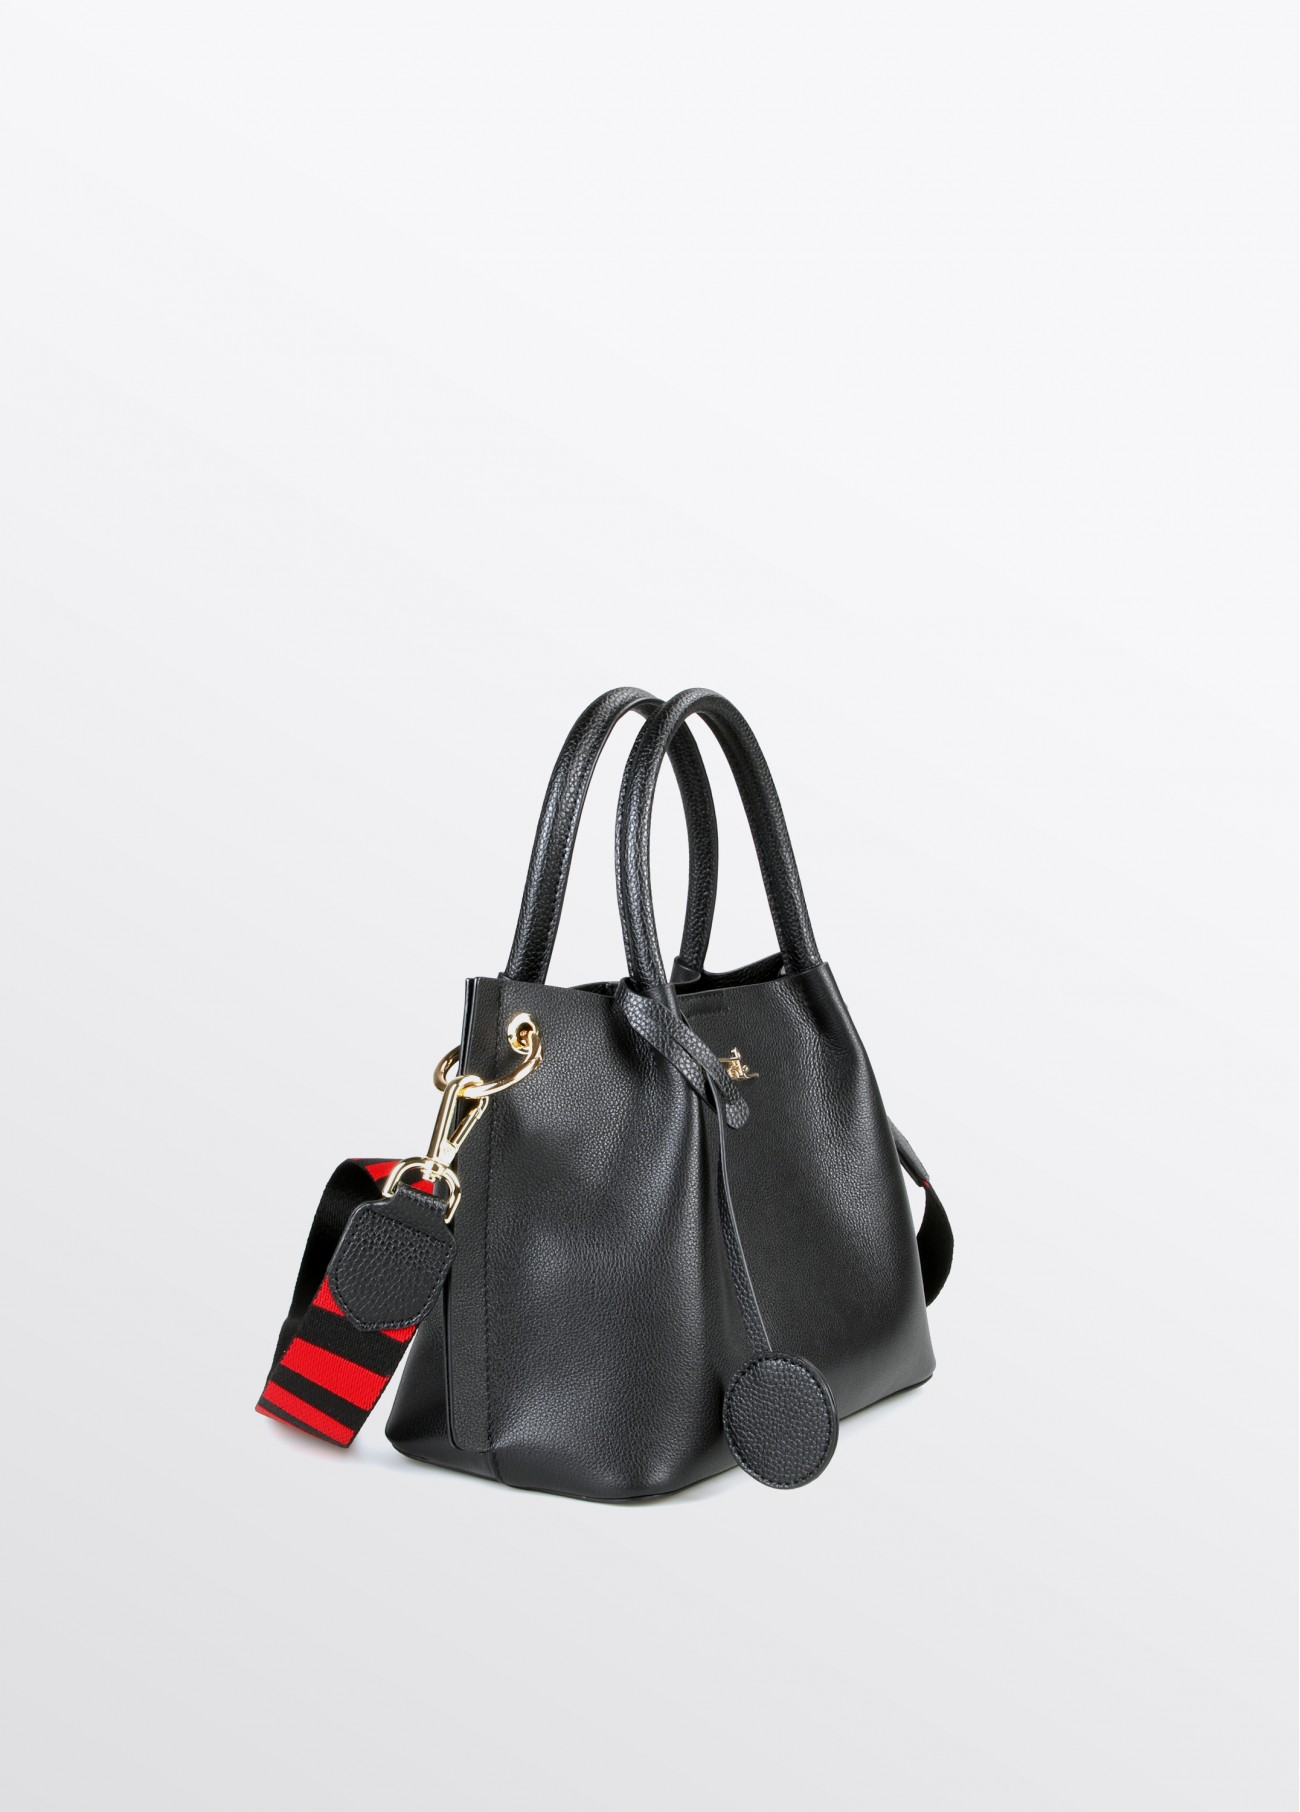 Bolso mini de piel Colección Maite, negro 2